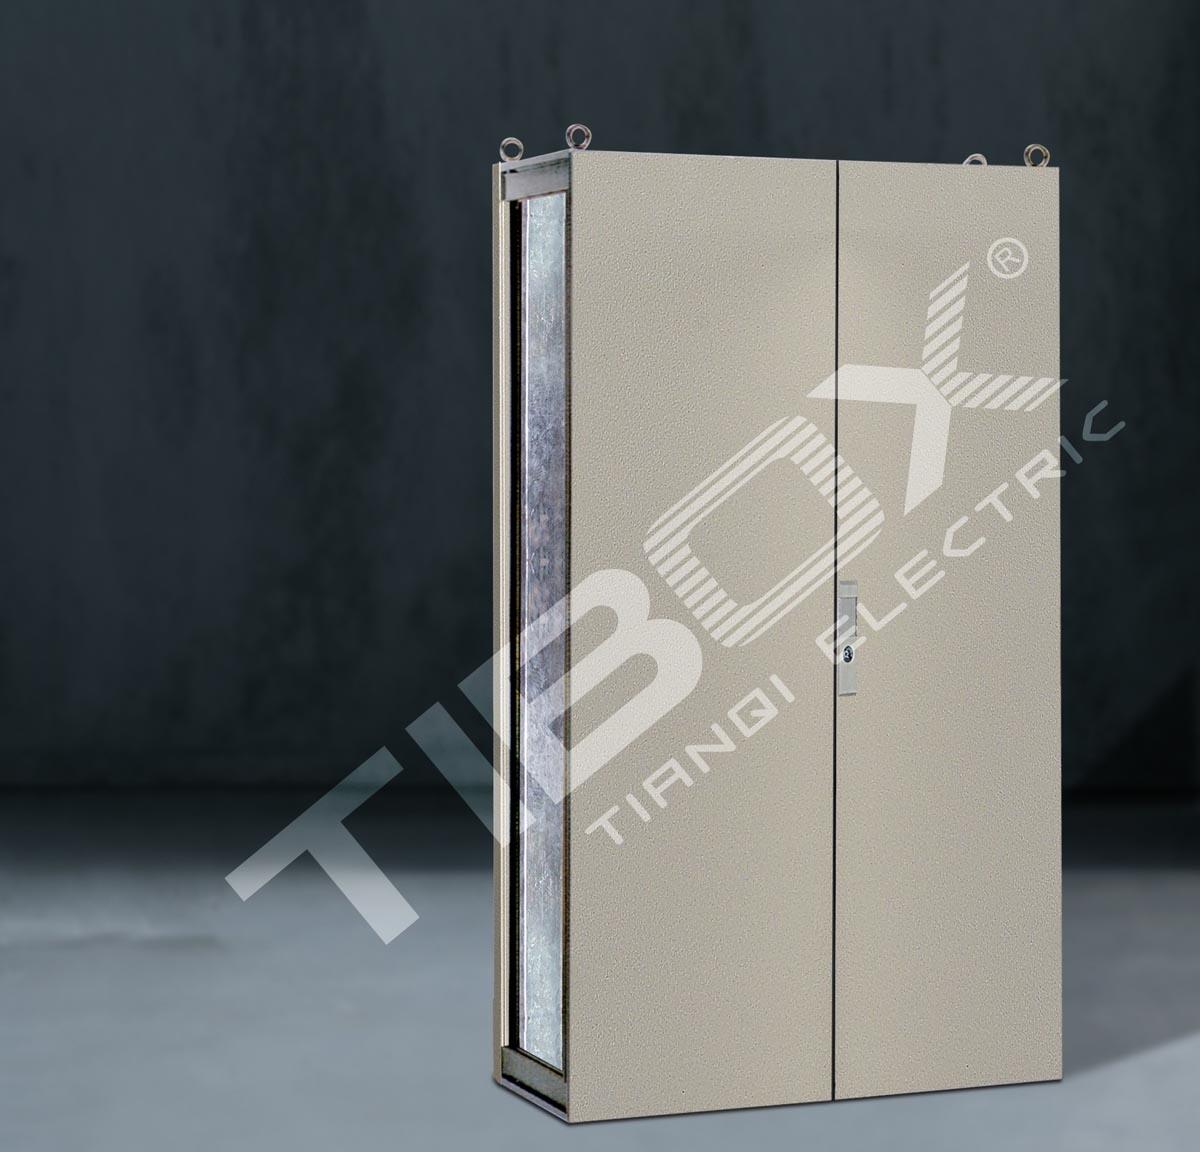 Plexiglas-Tür-Antike-Fußboden-Schrank foto auf de.Made-in-China.com